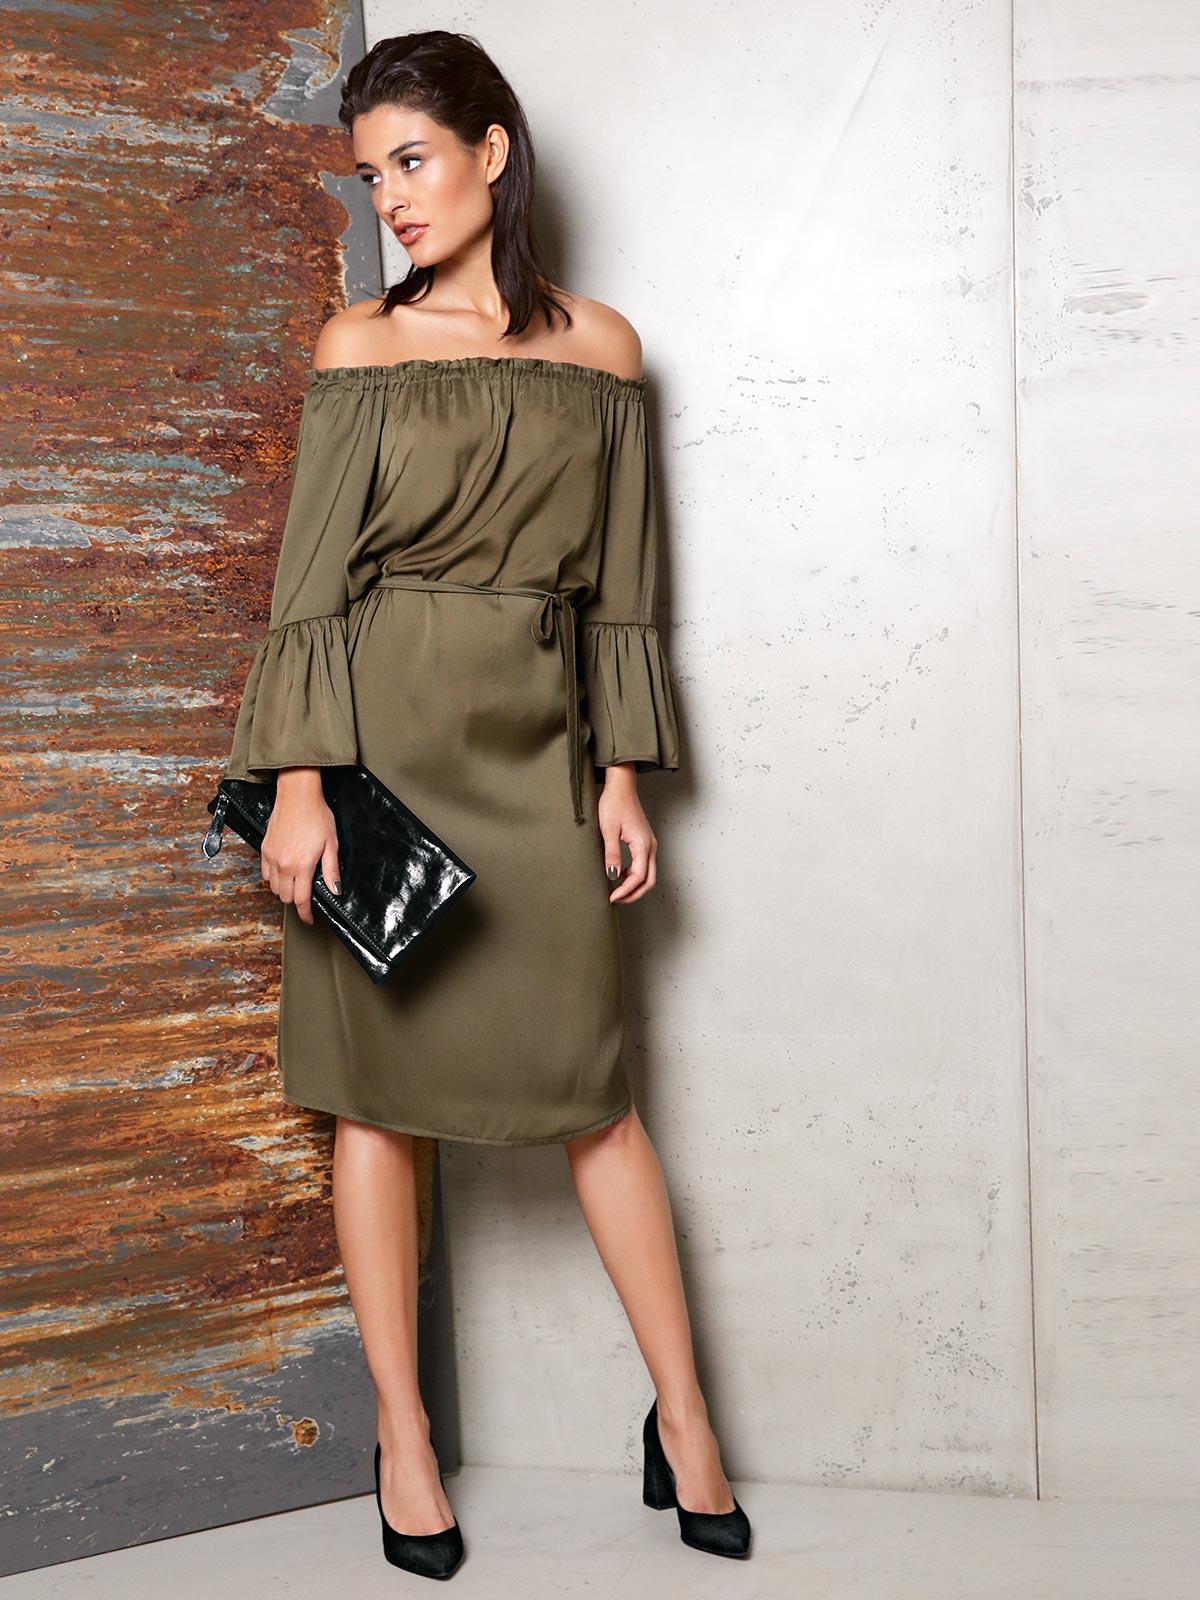 Kleid in Khaki mit schwarzen Accessoires